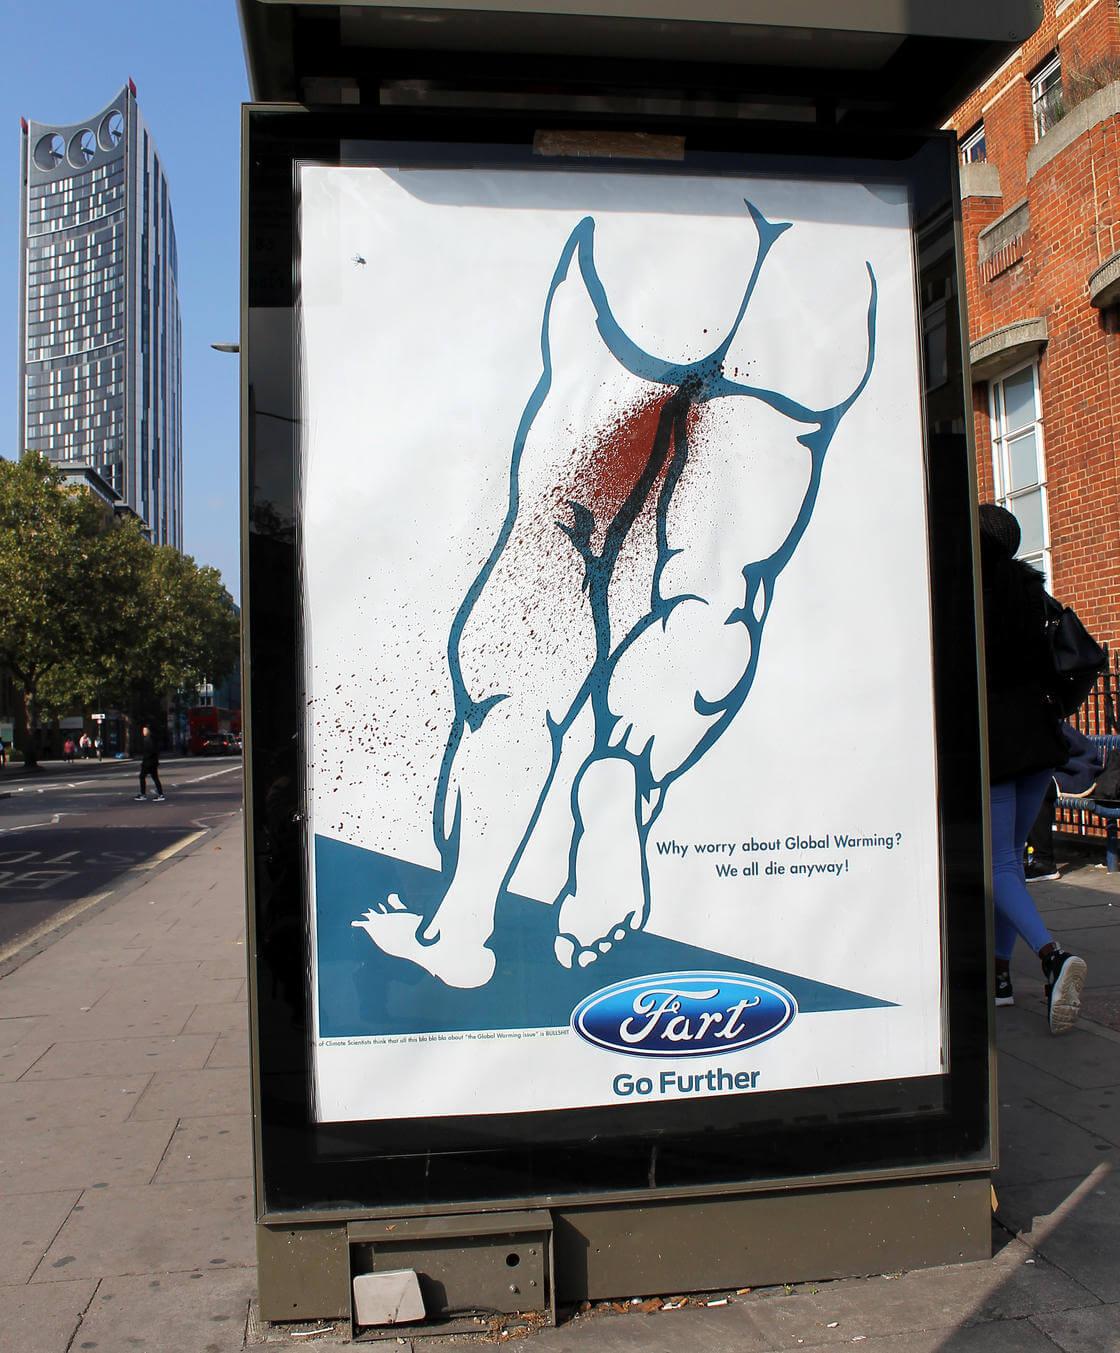 detournement-panneaux-publicitaires-street-art-hogre17.jpg